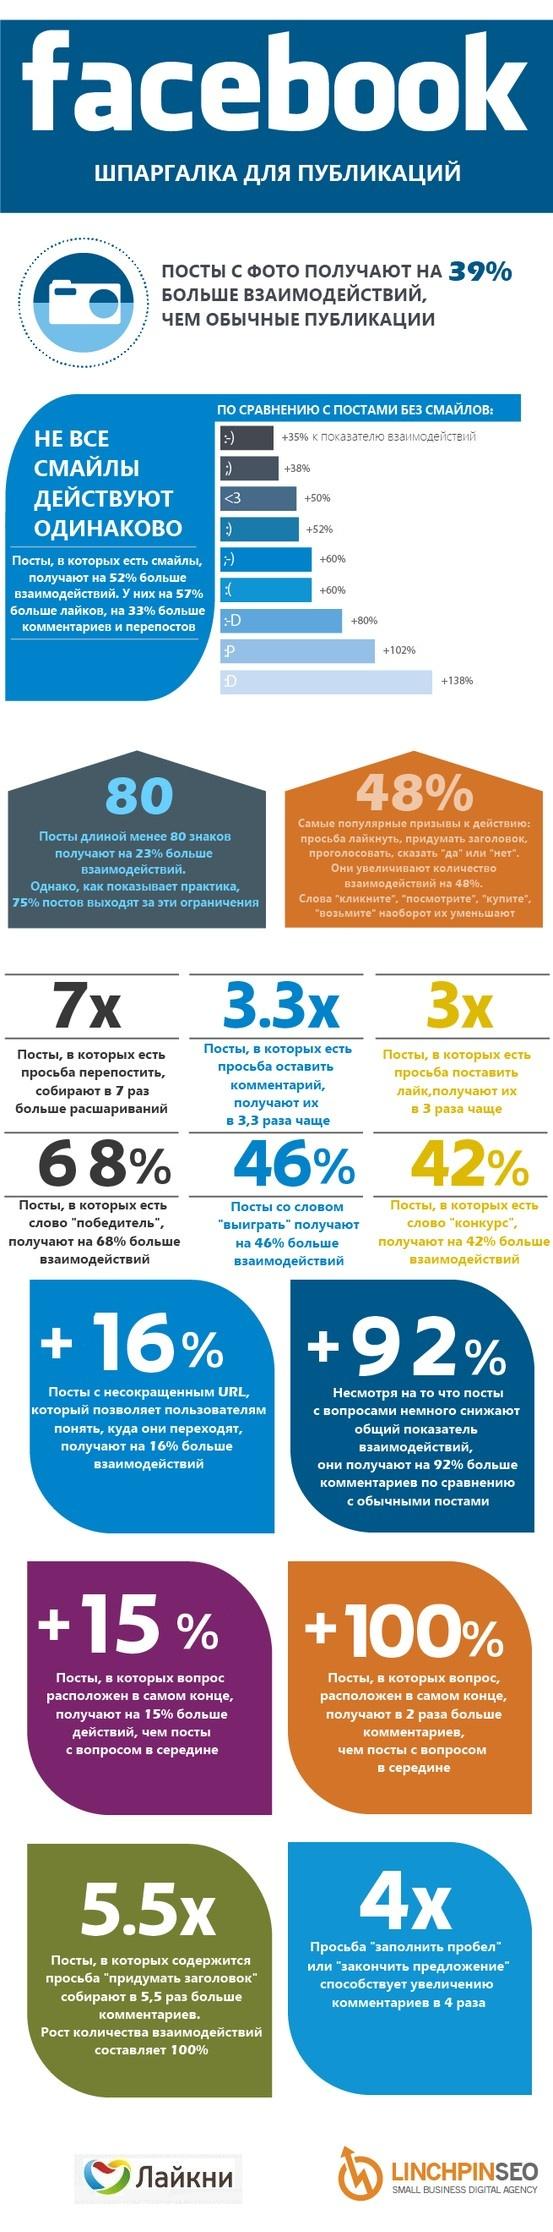 Инфографика: Шпаргалка публикаций для Фейсбука